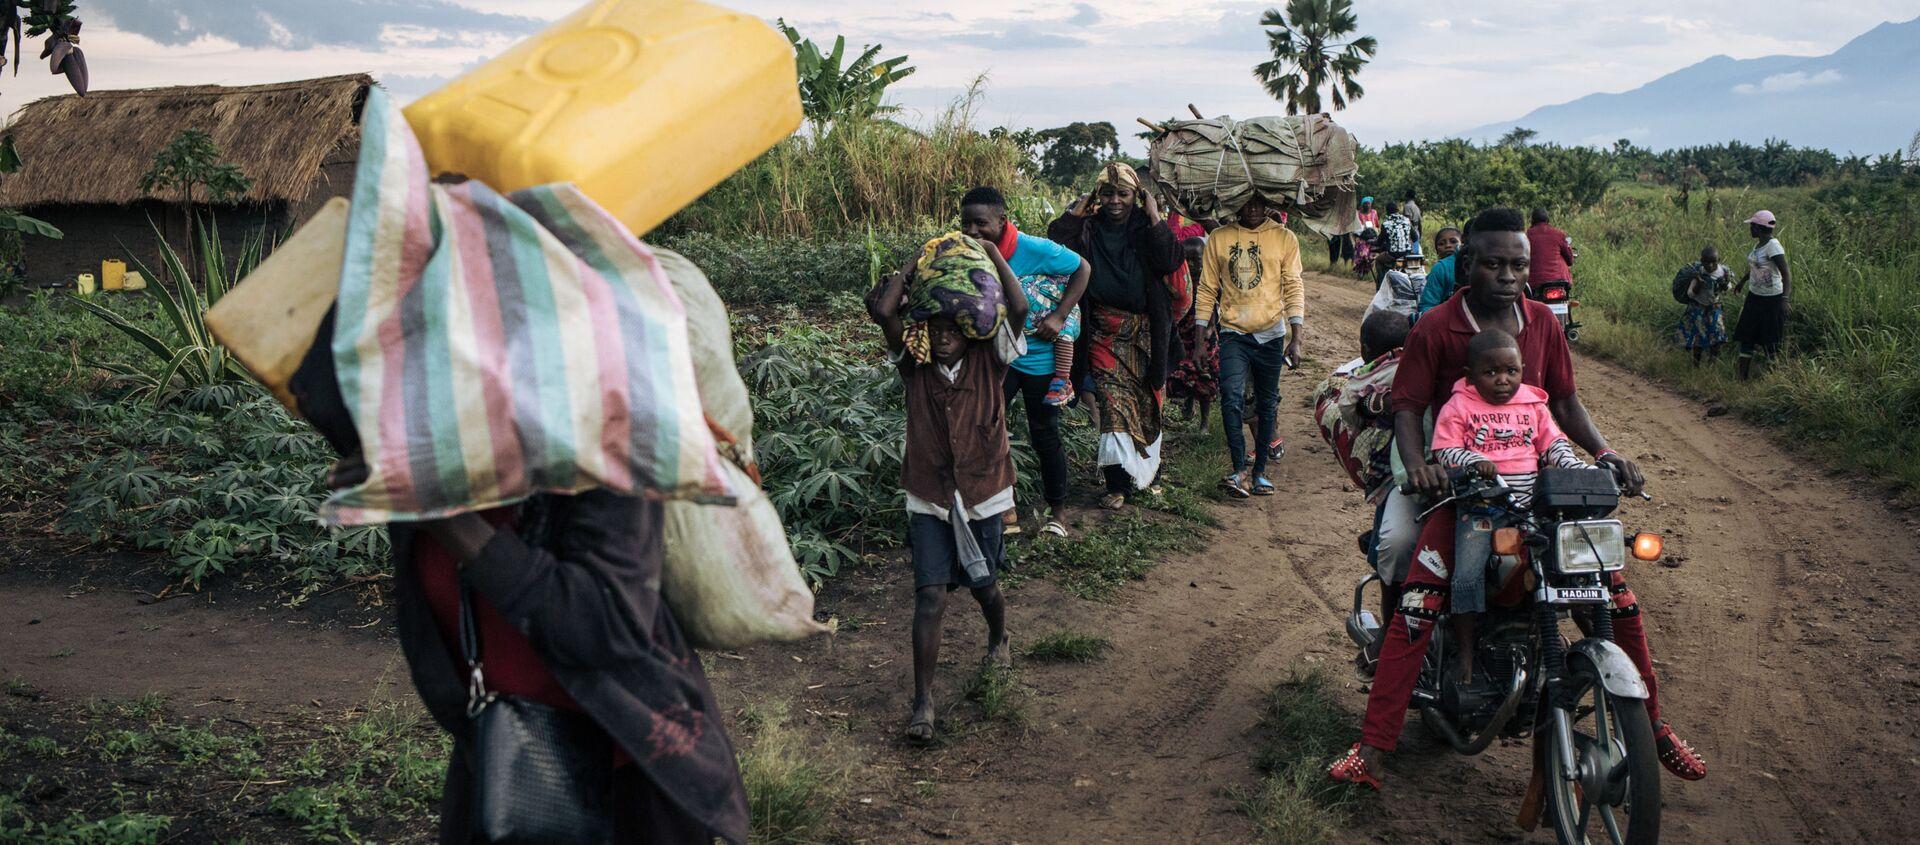 Des réfugiés fuient leur village de Halungupa, près de Béni, après l'attaque des AFD en RDC - Sputnik France, 1920, 13.11.2020